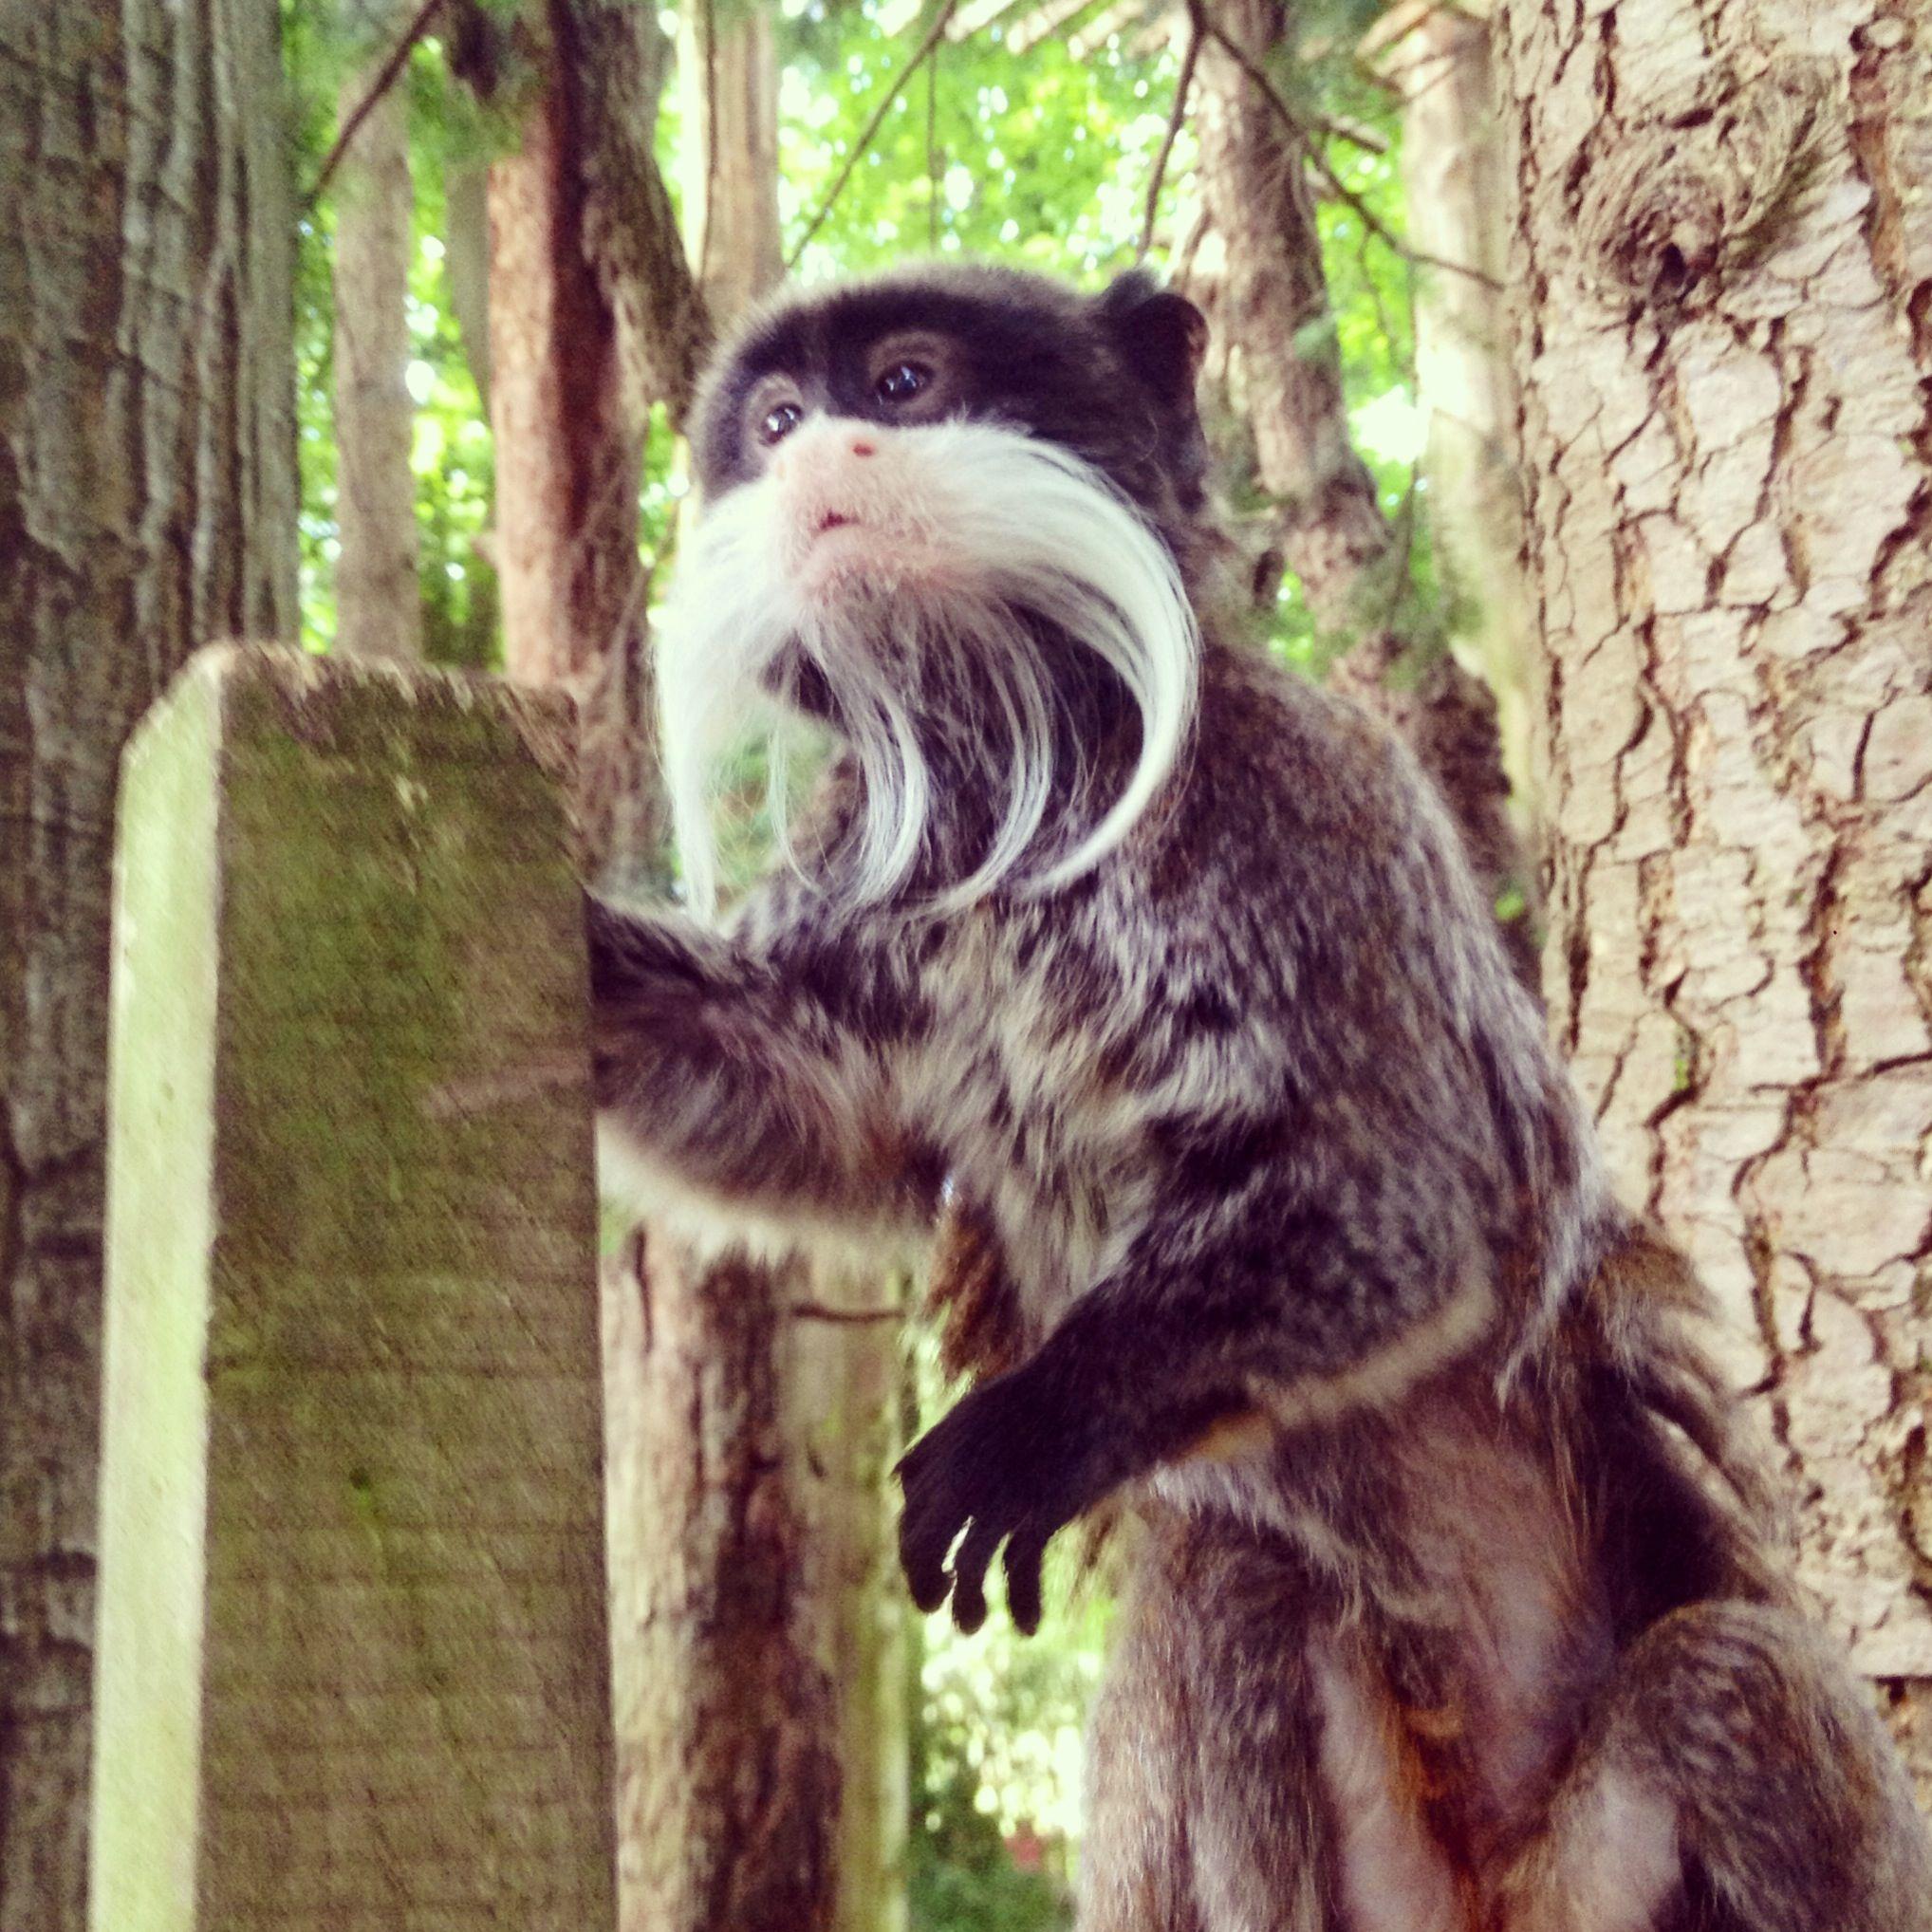 Nog een aaaaaaaaaaaawwwpje! #apenheul